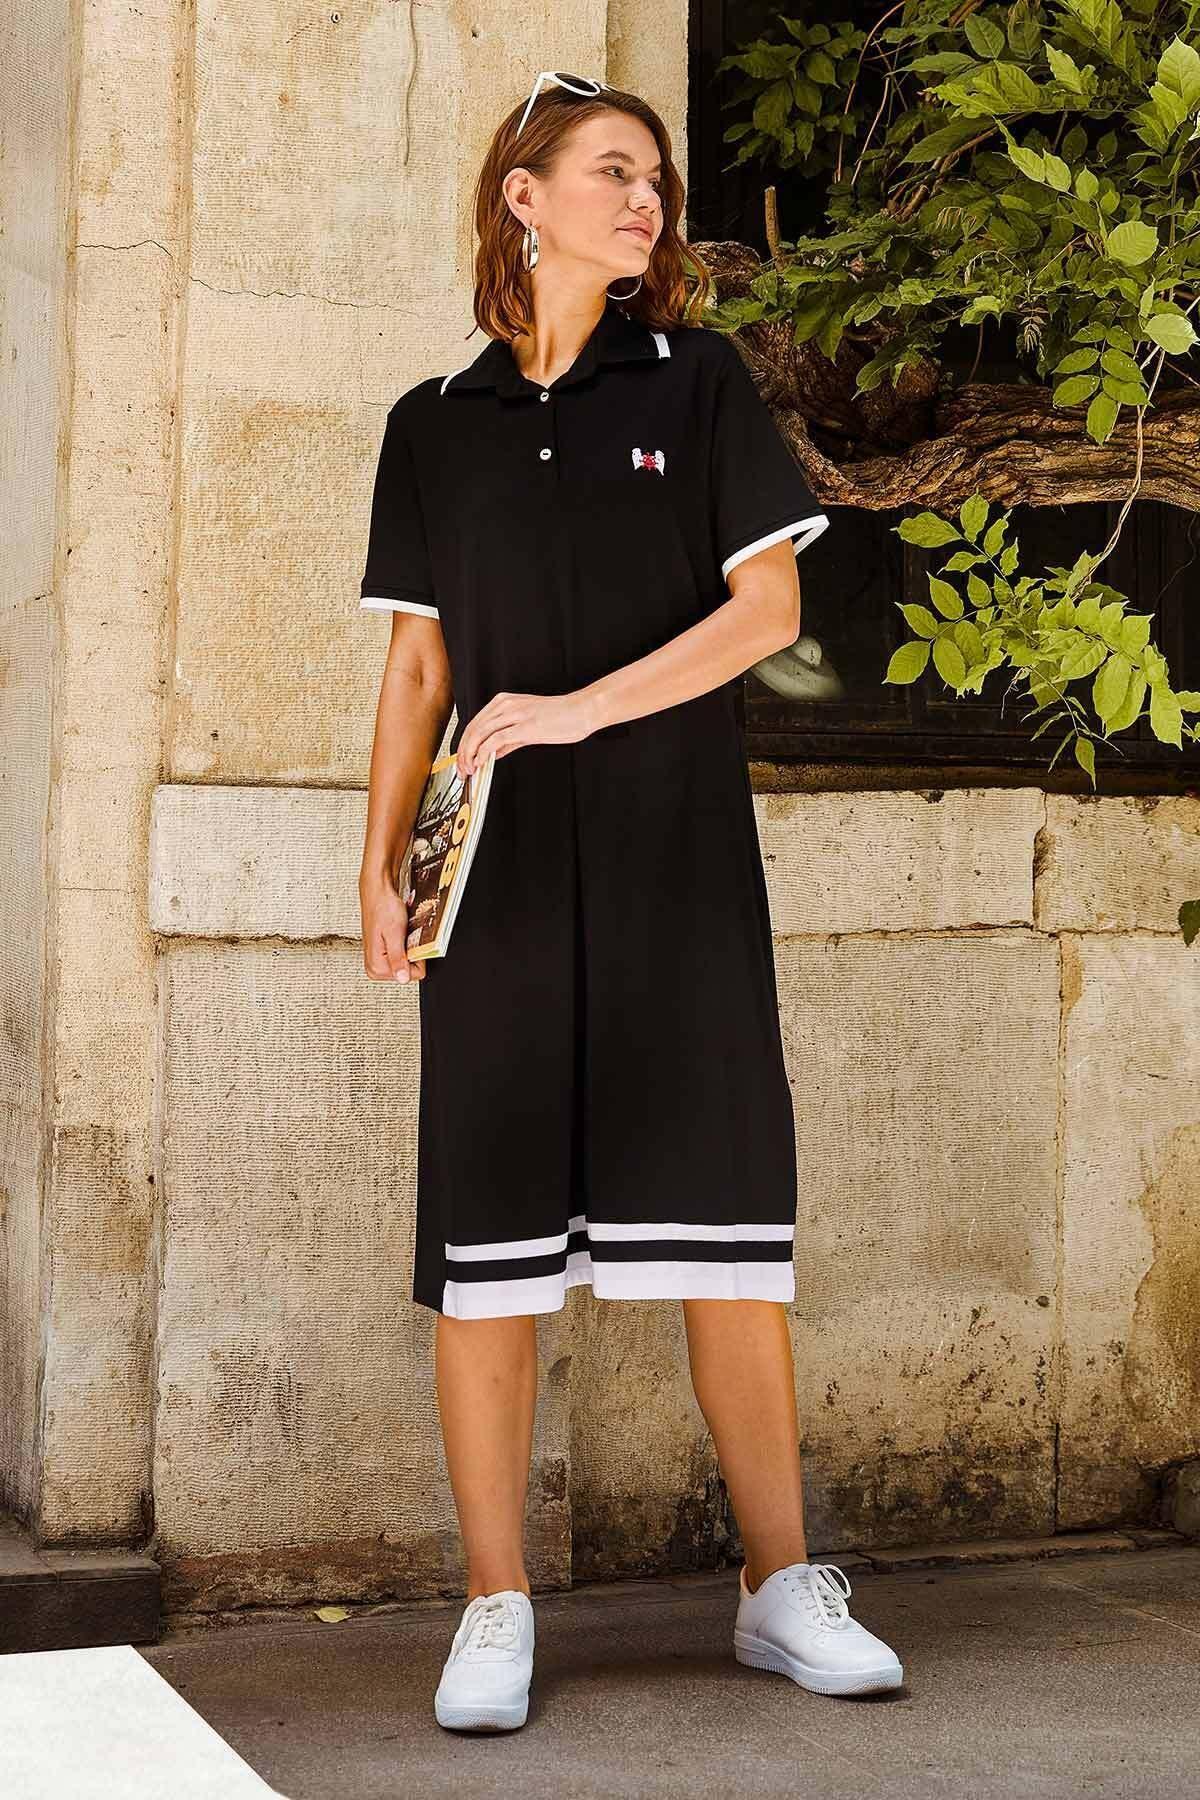 Kadın Polo Yaka Pike Elbise - Siyah